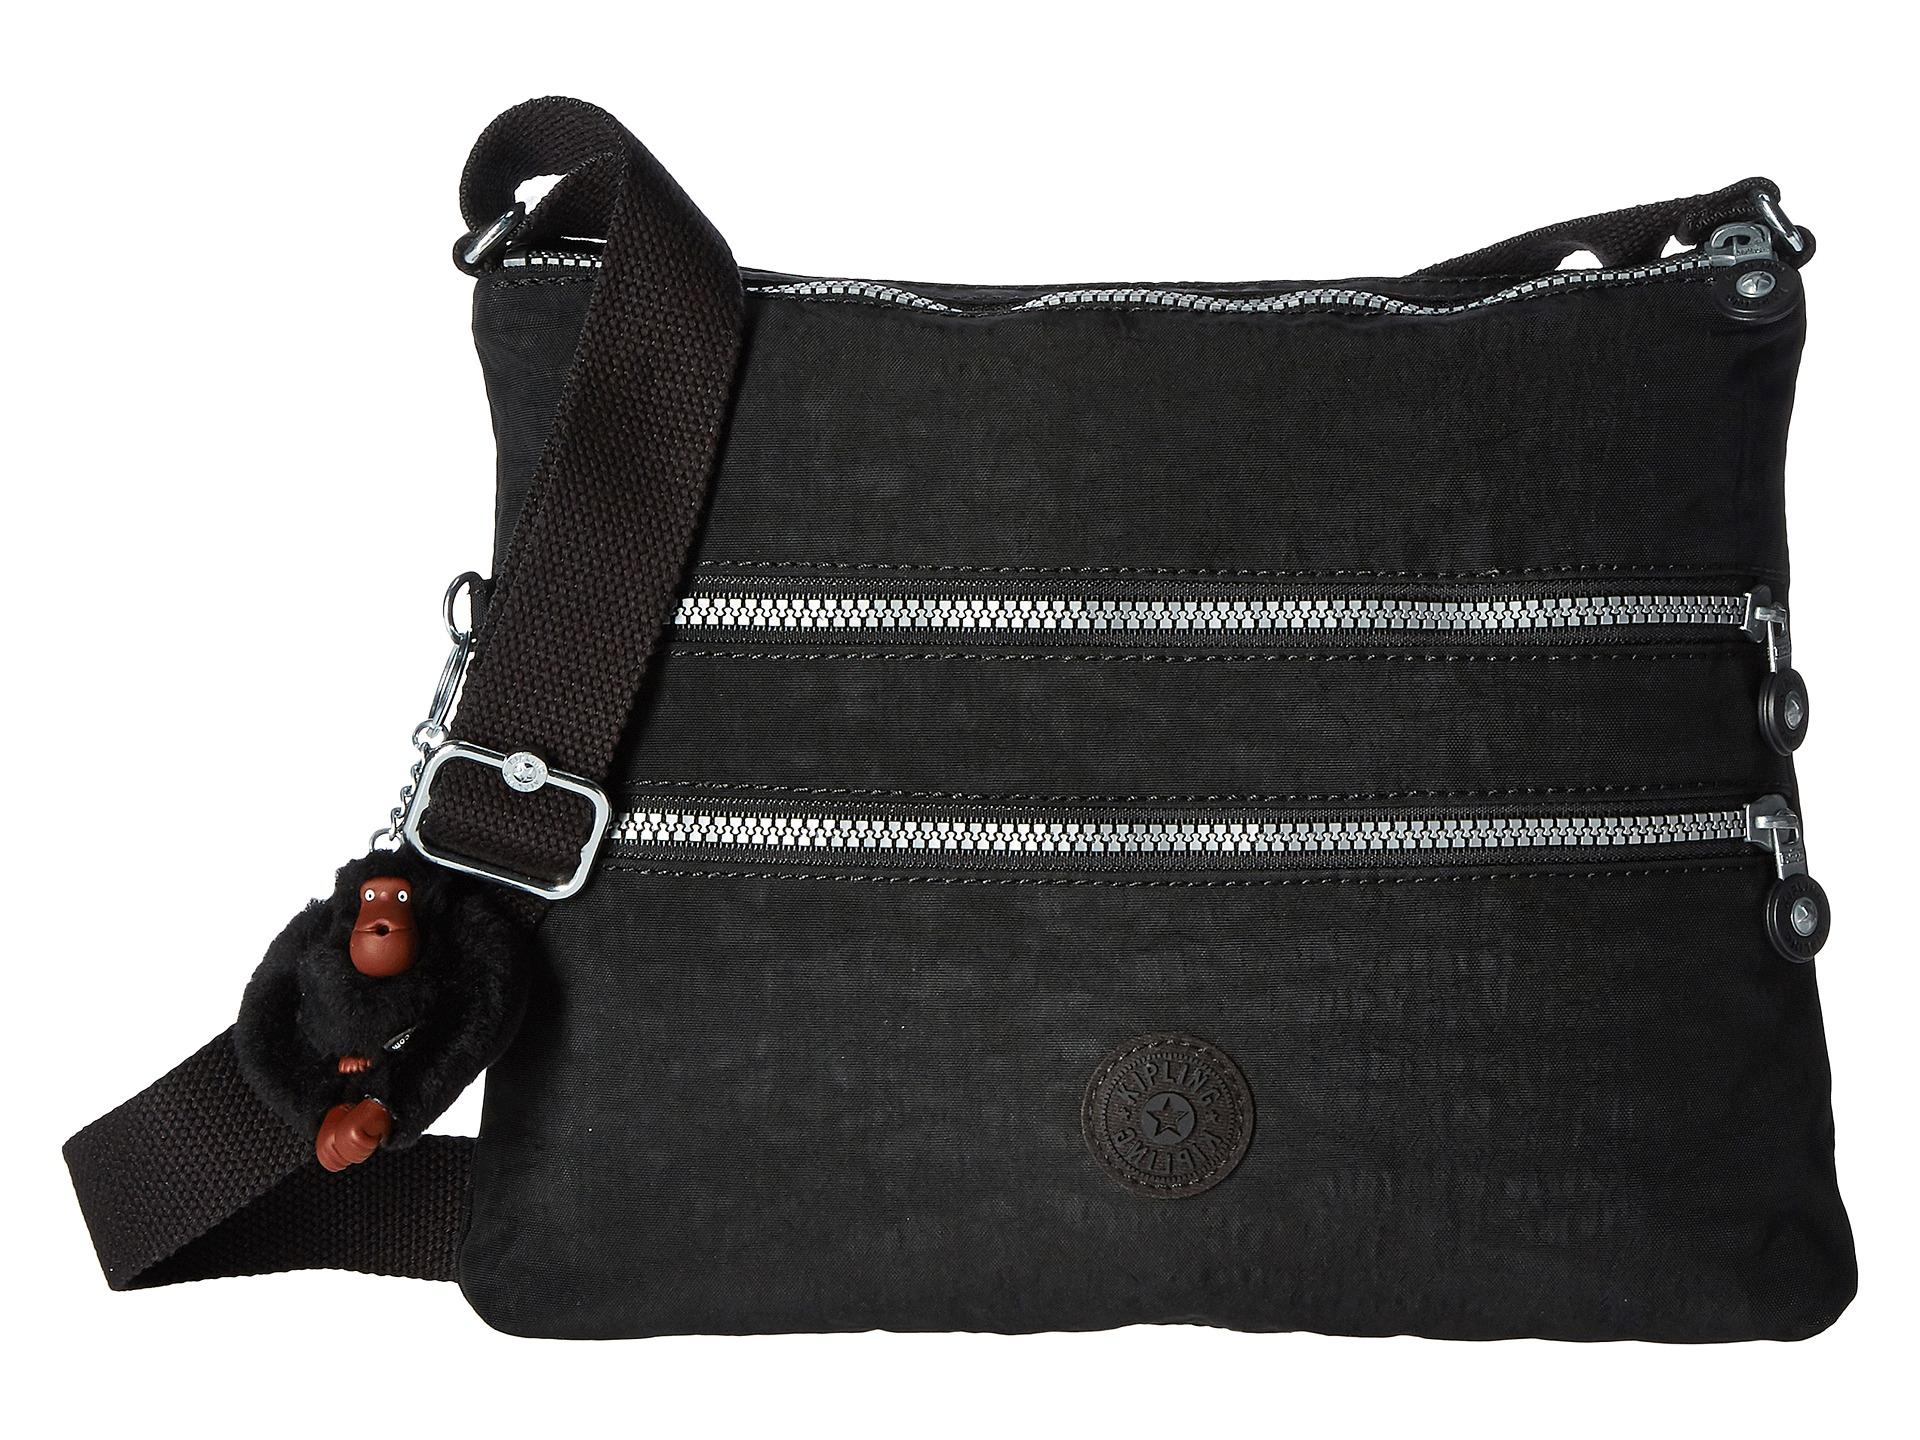 Kipling Alvar Shoulder Cross Body Travel Bag Shipped